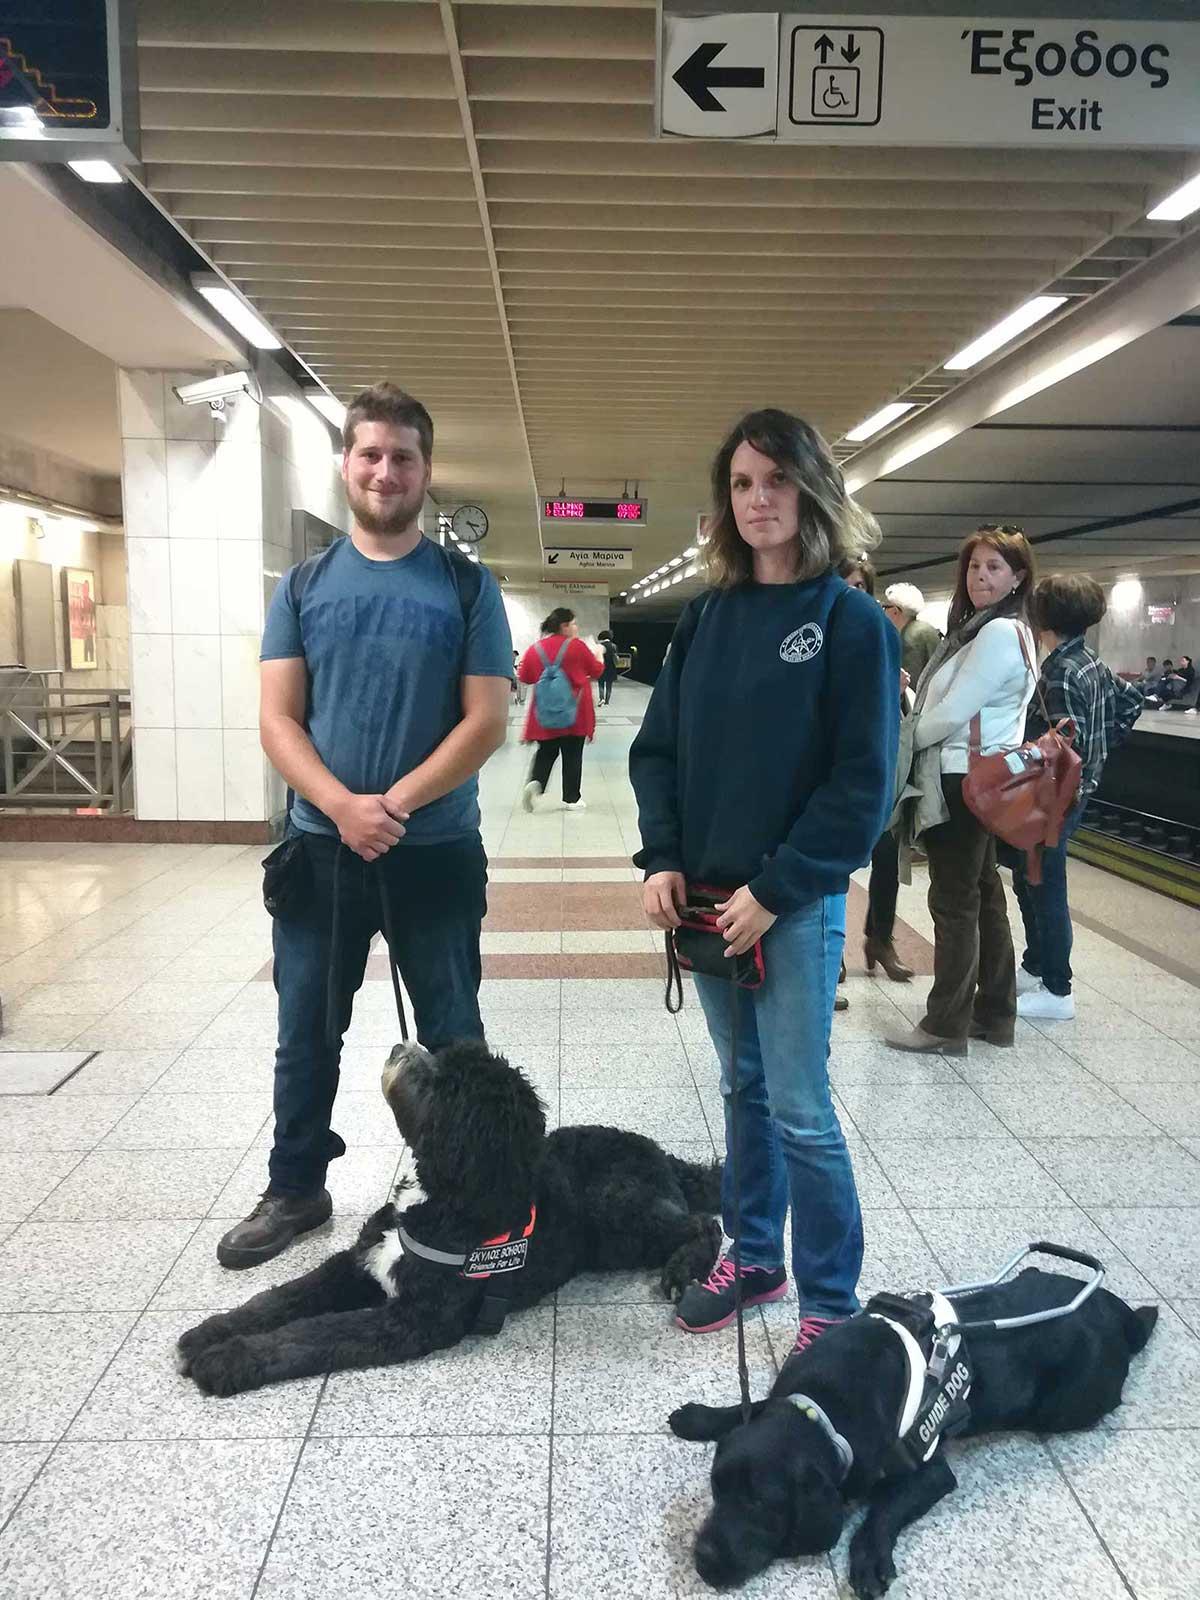 εκπαιδευτές μαζί με σκύλους βοηθούς